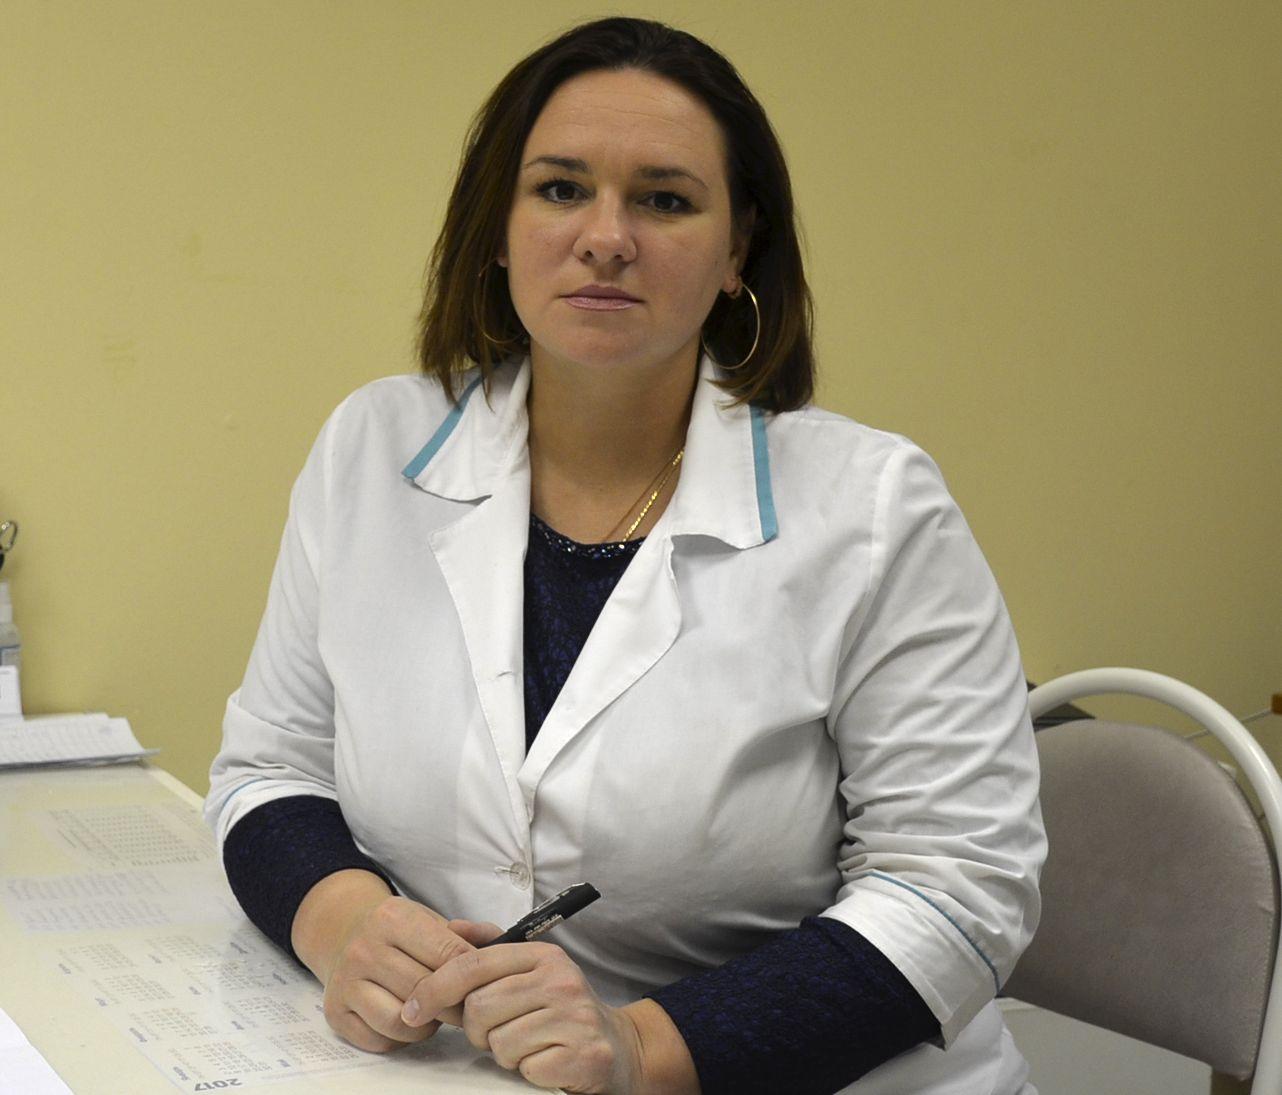 Анна Зайцева: Молодой врач не должен оставаться с пациентом один на один